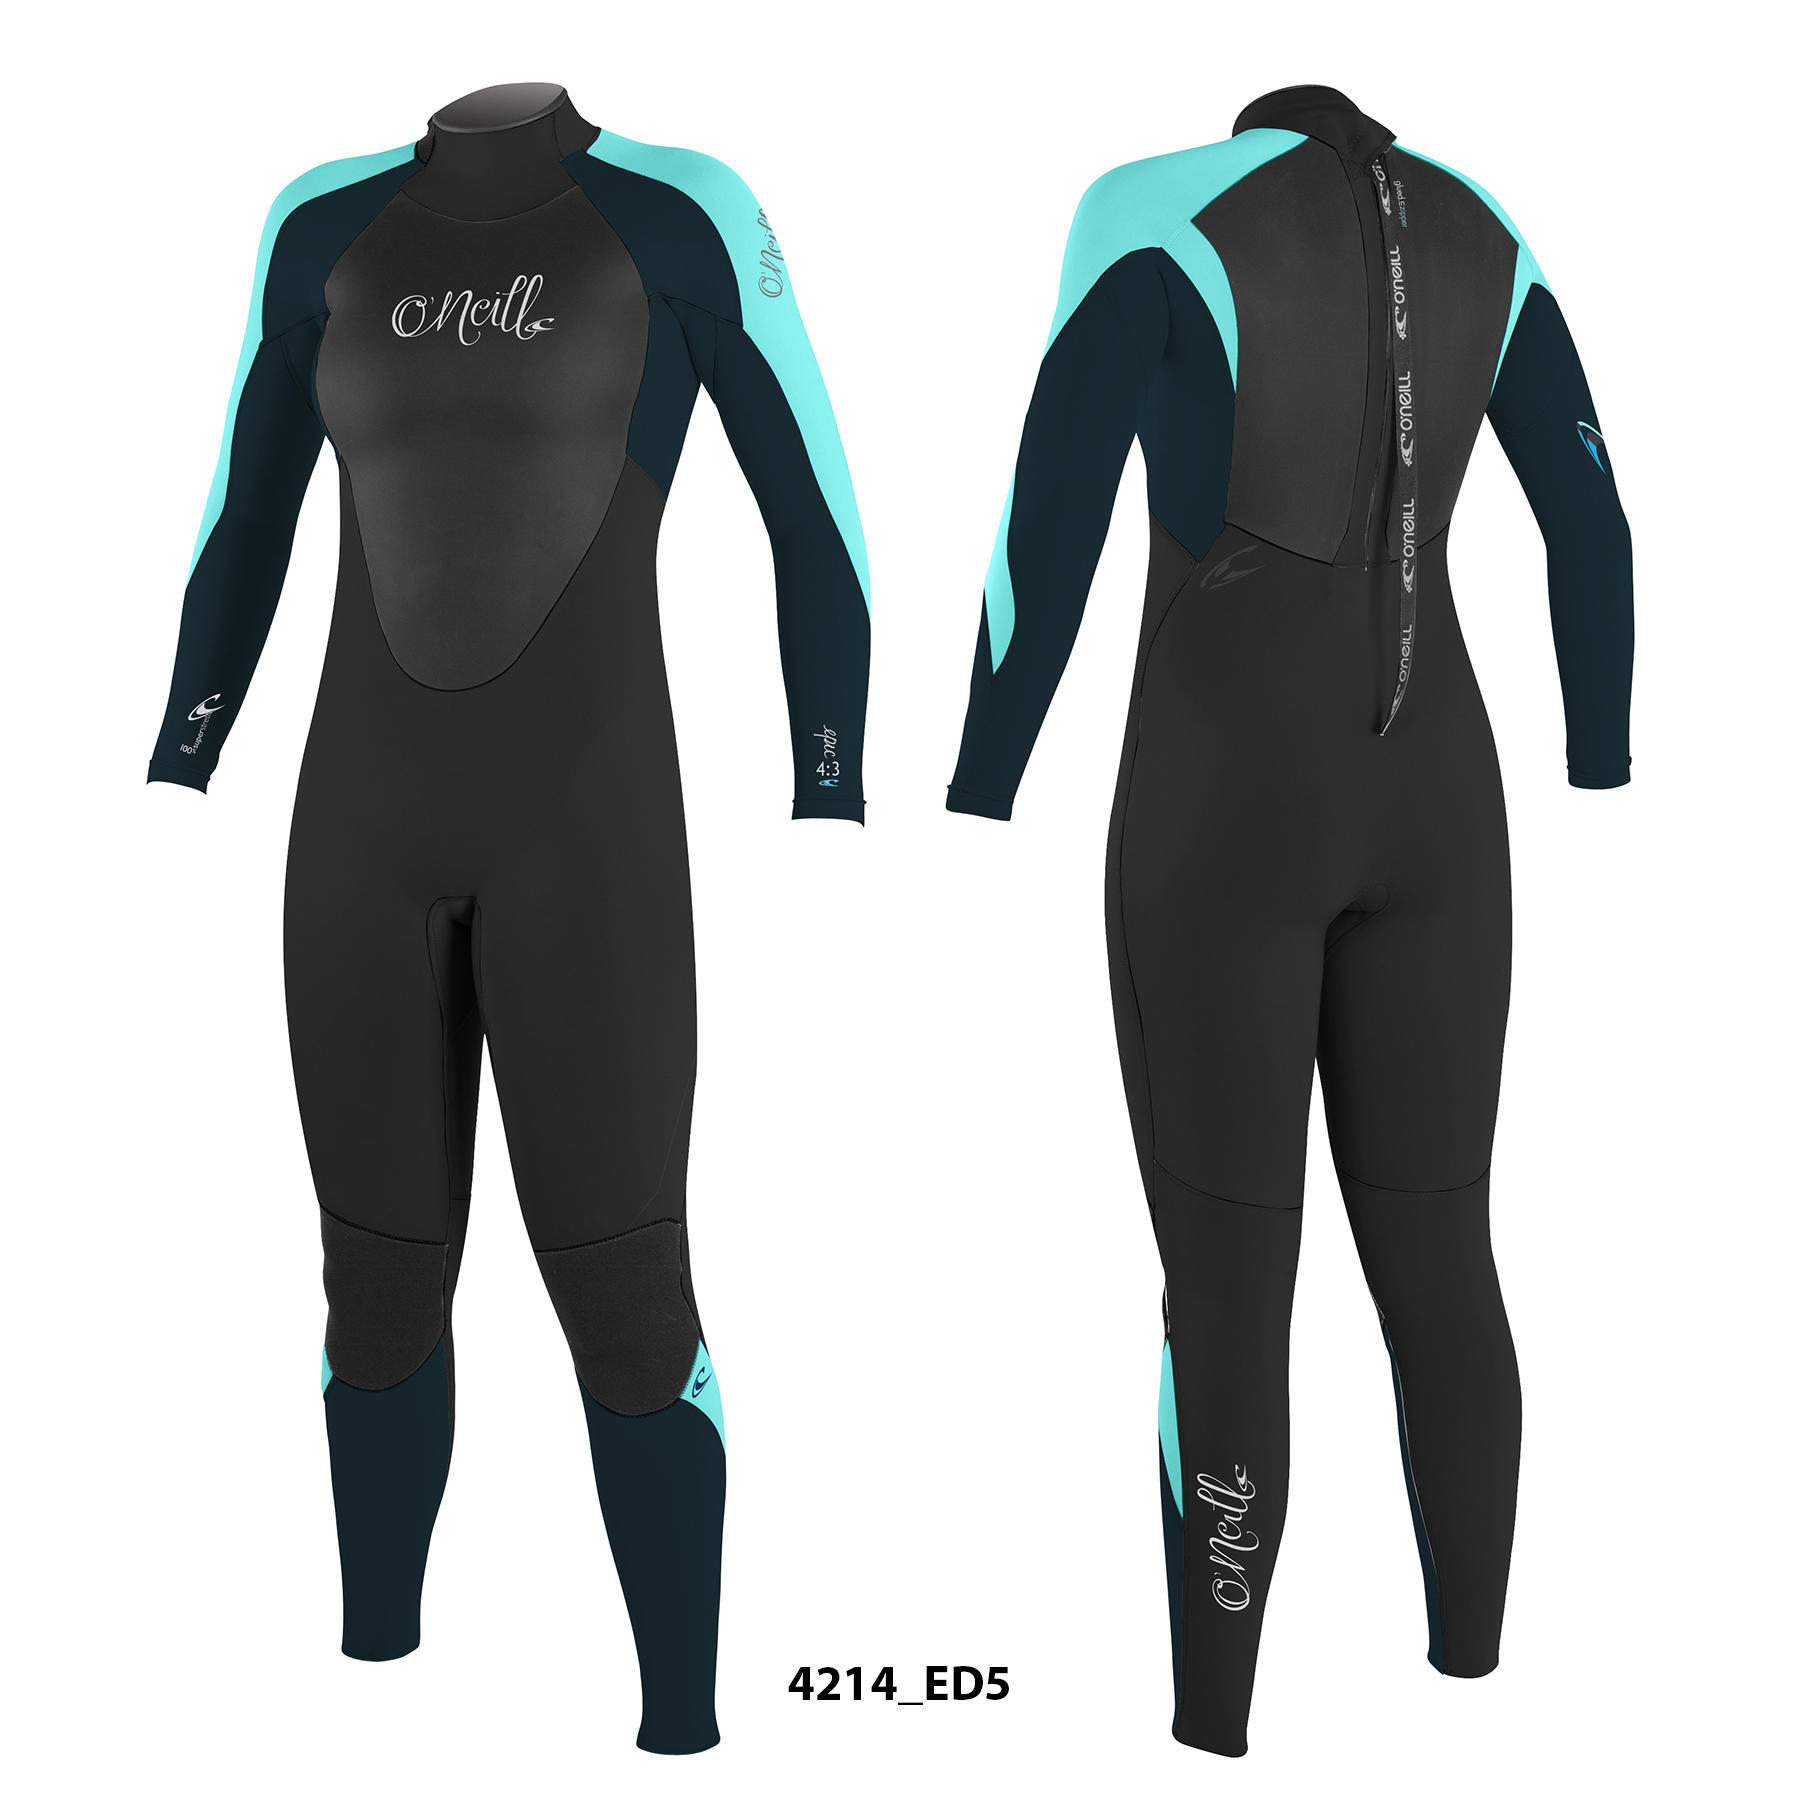 59046c64d707a Comprar traje de surf de neopreno - Tienda online Surfmarket